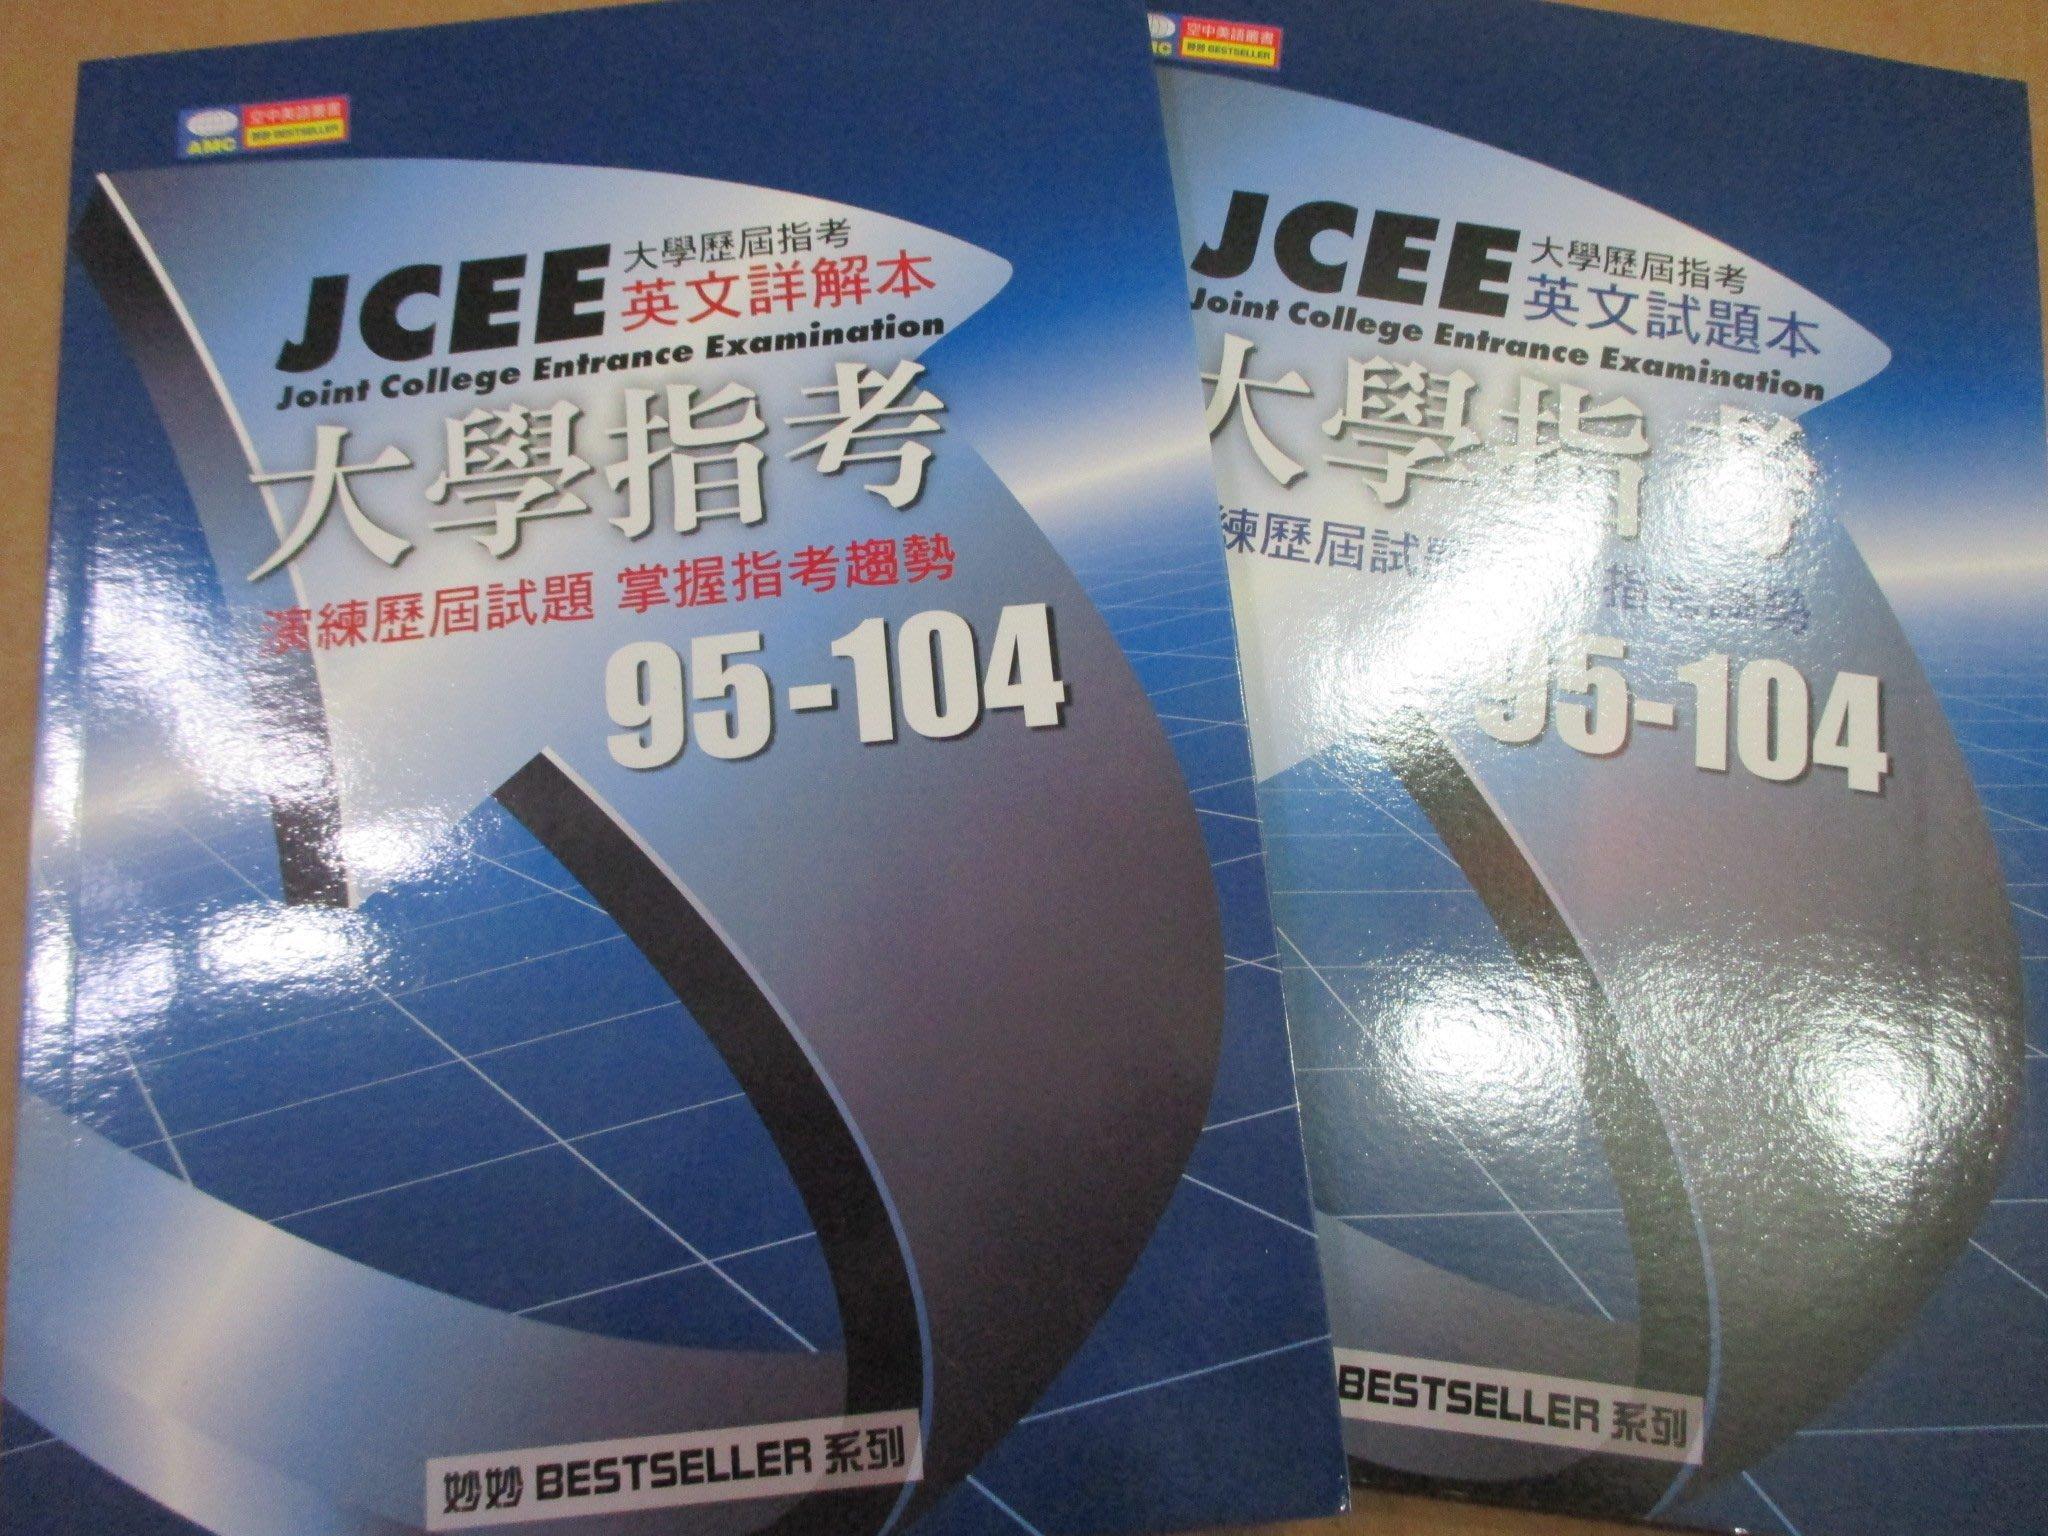 【鑽石城二手書】高中參考書 升大學 JCEE大學歷屆指考 英文詳解本+試題本95-104 有寫過 空中美語